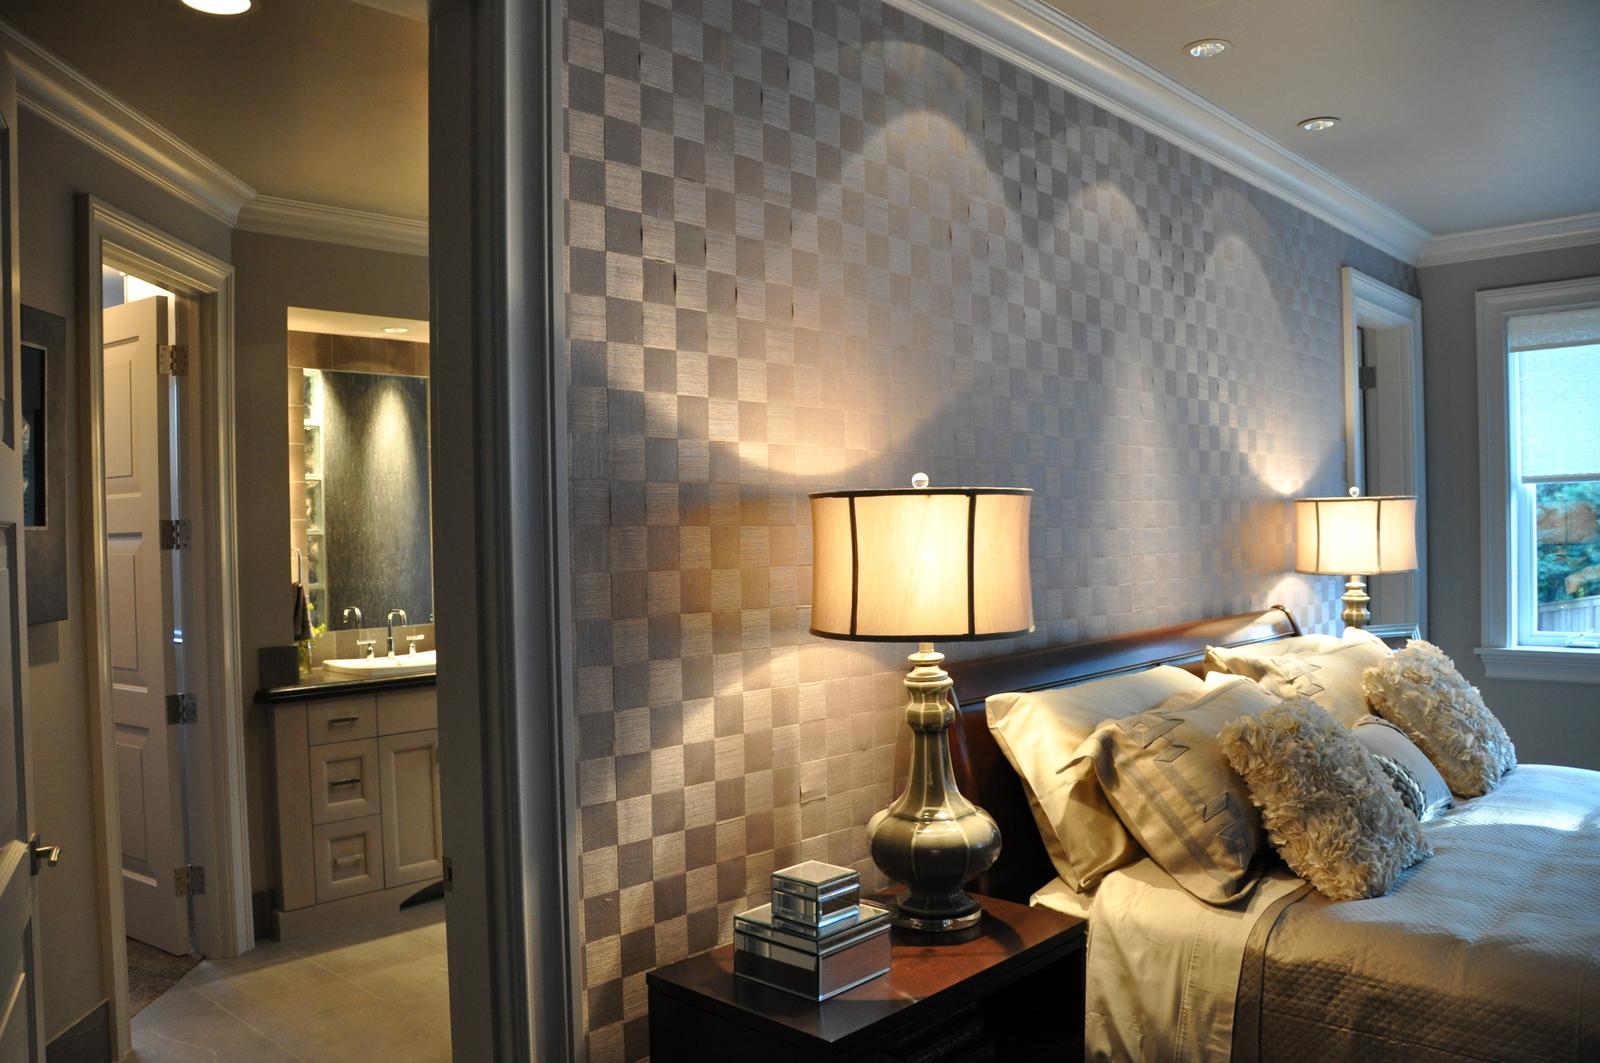 dsc1157 1600×1063 wallpaper  beautiful bedrooms